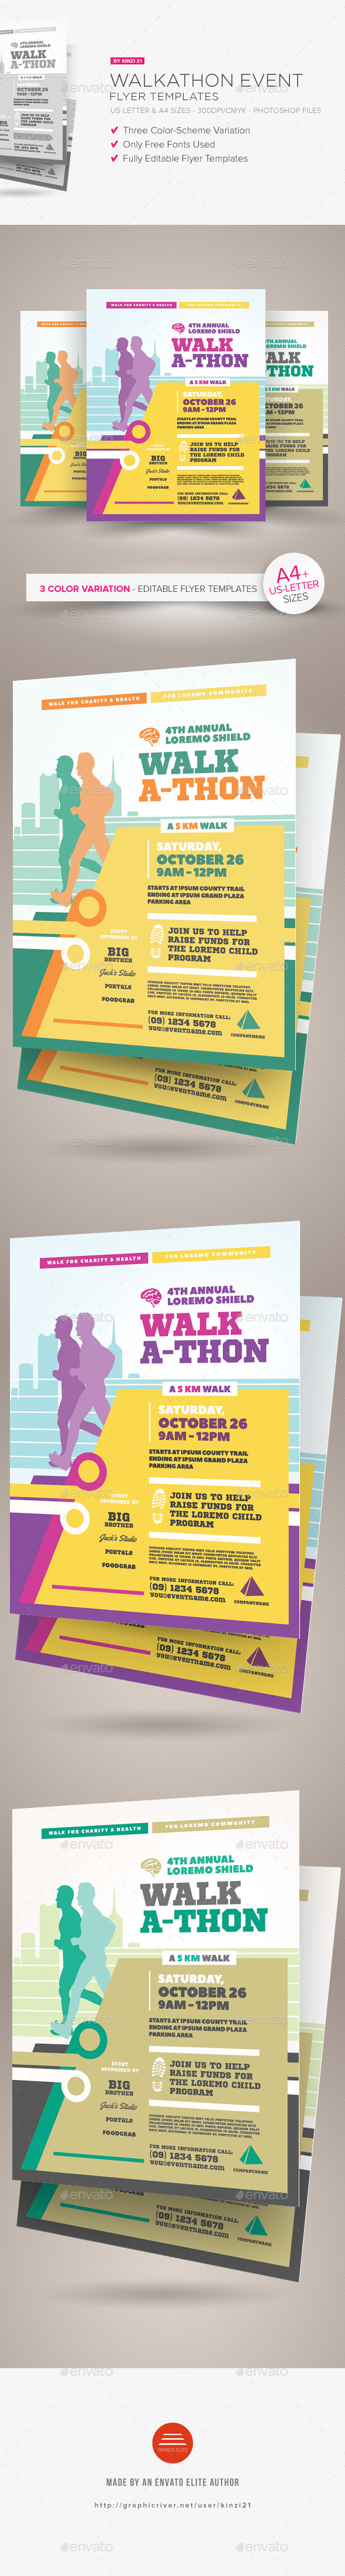 walkathon flyer templates